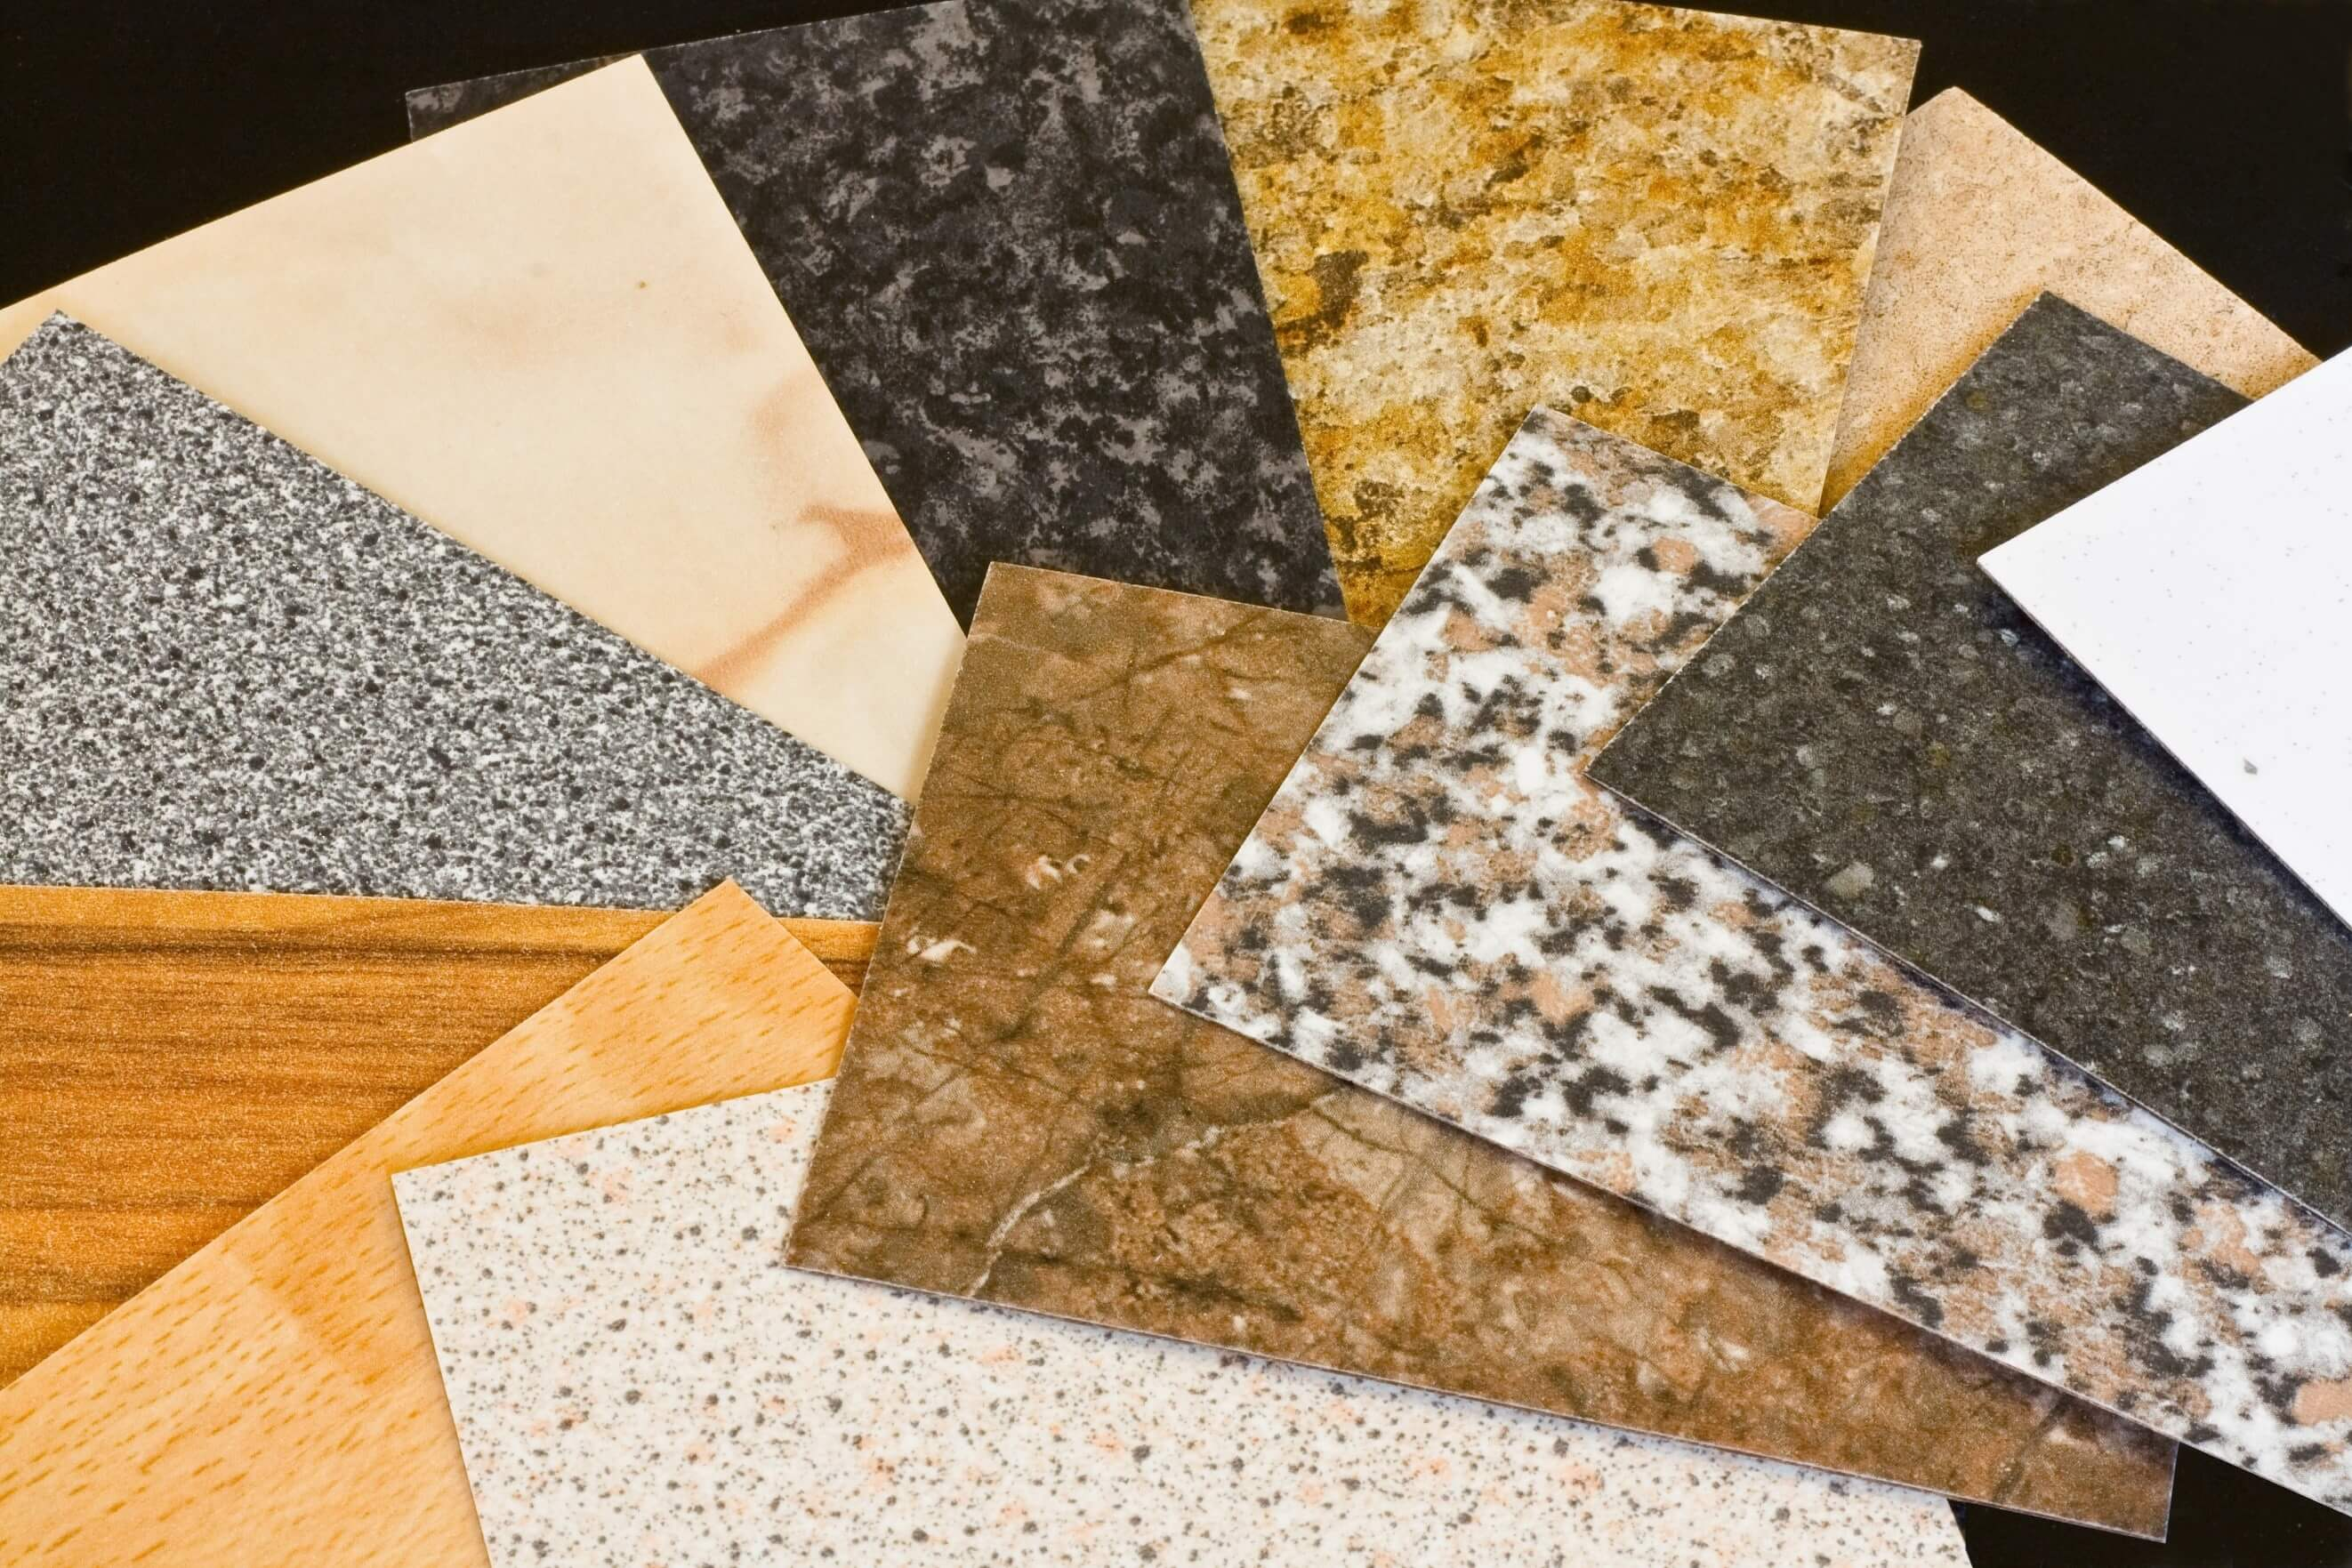 stone samples for worktops